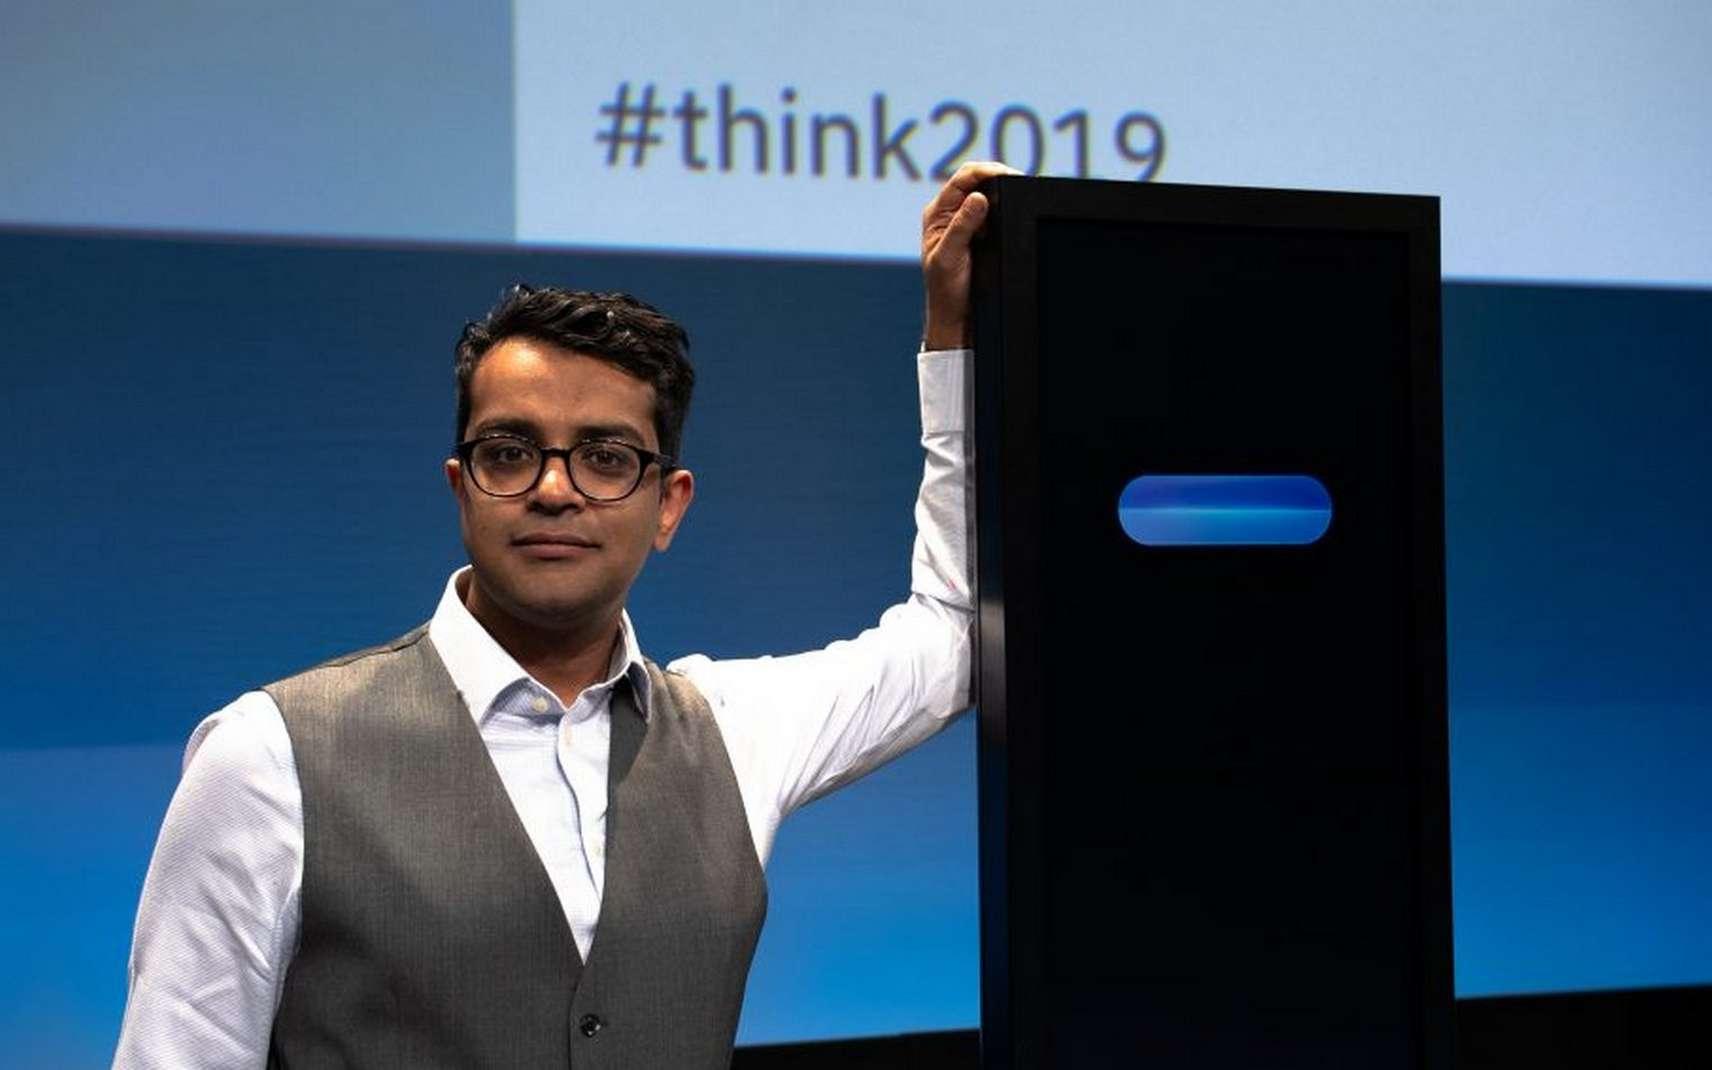 Harish Natarajan, finaliste des championnats du monde de débats de 2016 et champion d'Europe de débats en 2012, pose aux côtés du Project Debater d'IBM. © IBM